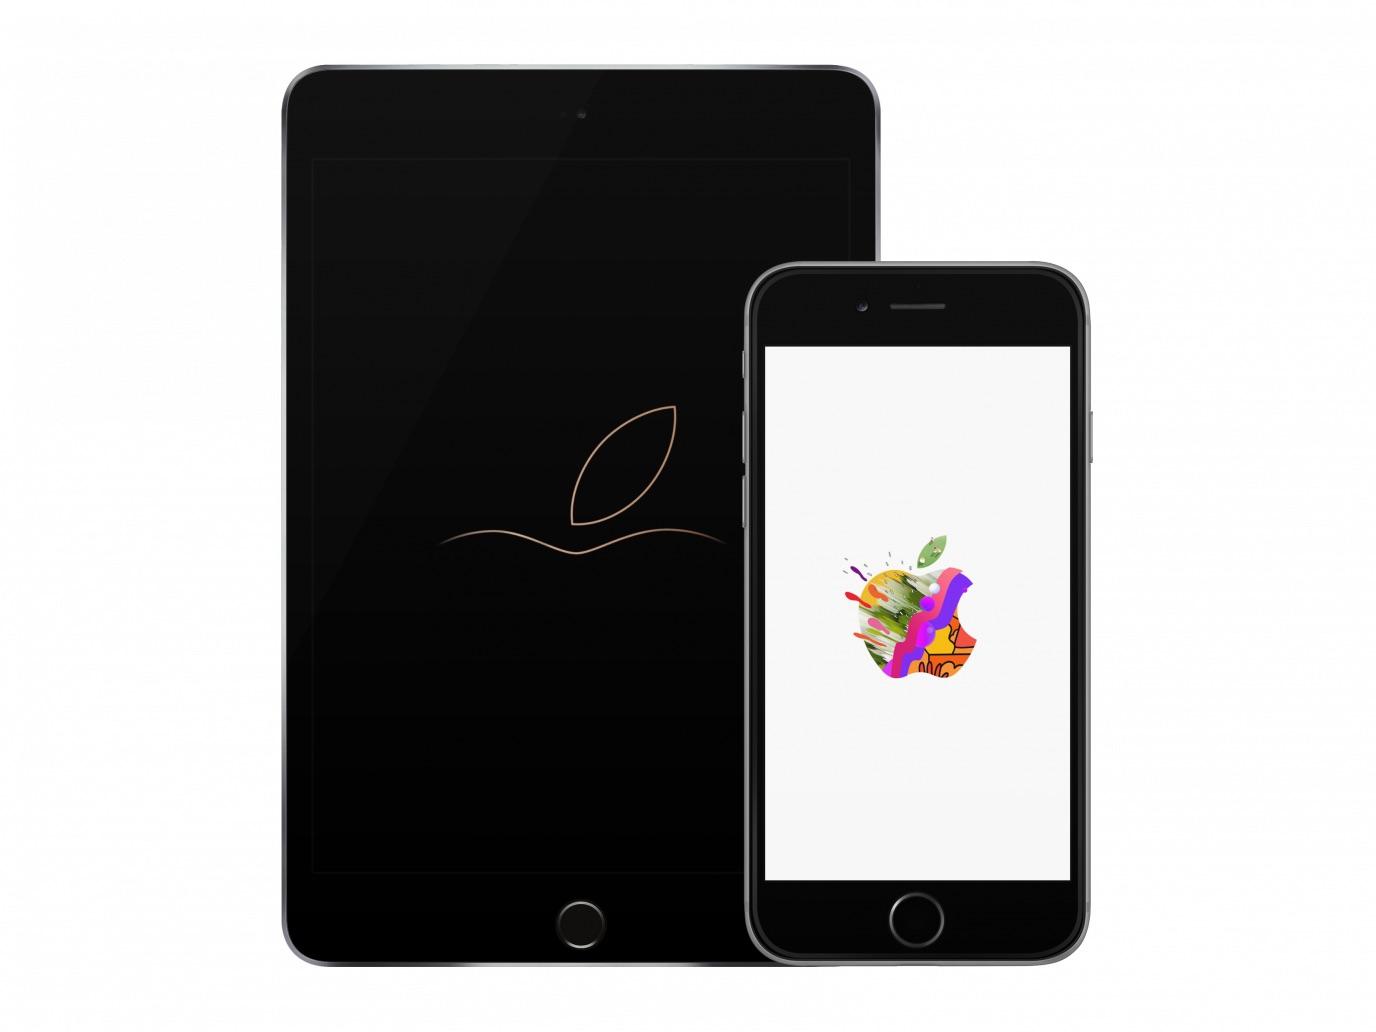 Gli Sfondi Iphone E Ipad Dedicati Ad Iphone Xs E Apple Store Milano